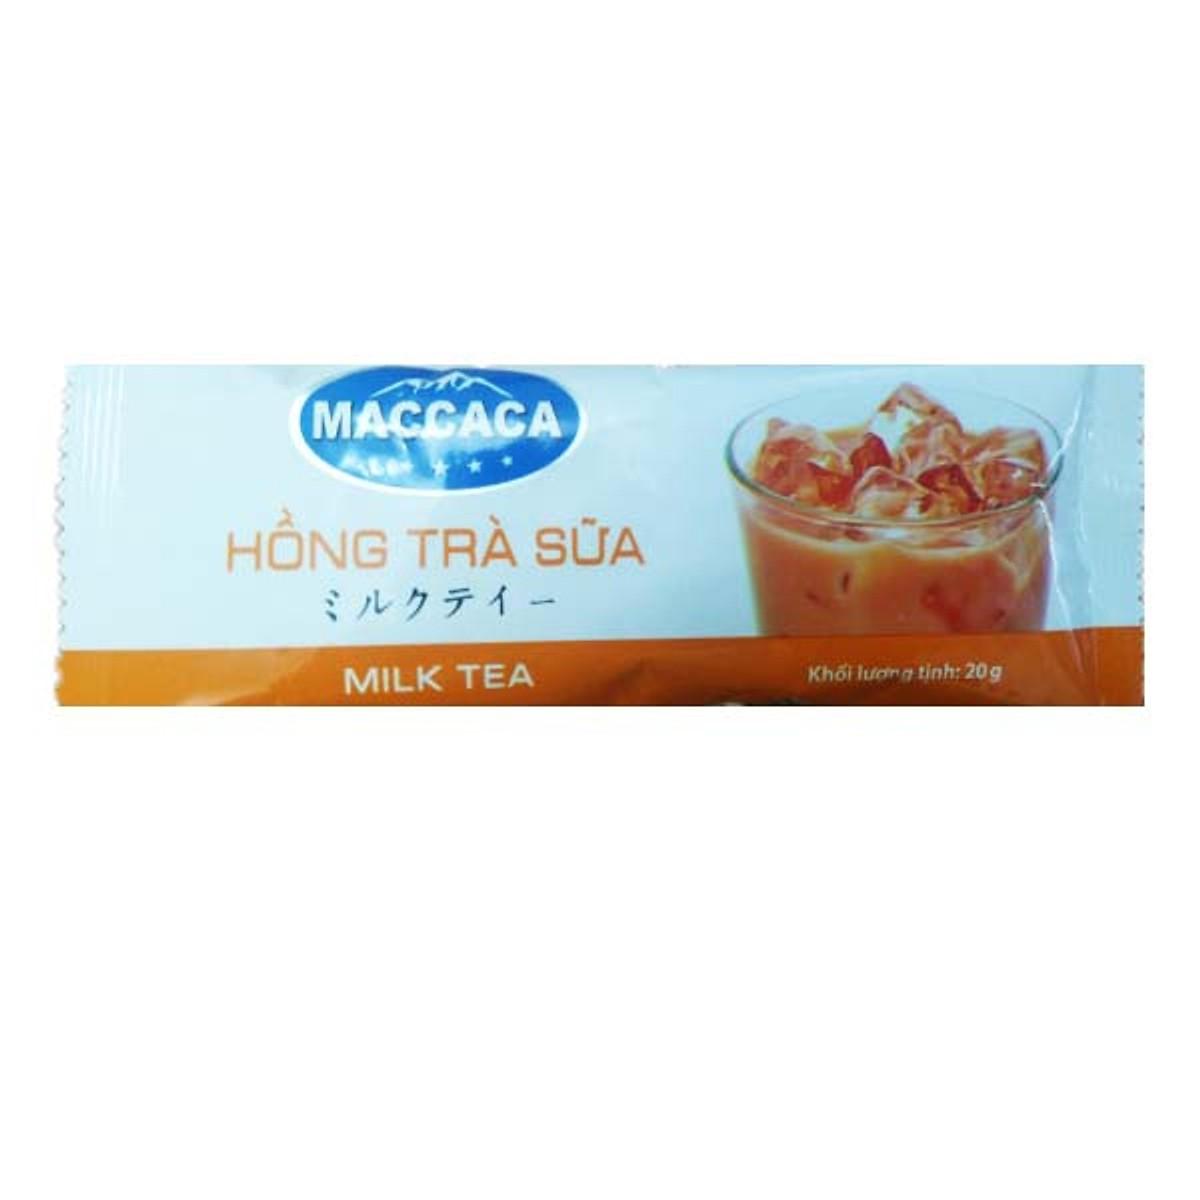 Kẹp Gắp Đồ Ăn Nóng Nhật Bản 22cm + Tặng Hồng Trà Sữa (Cafe) Maccaca 20g